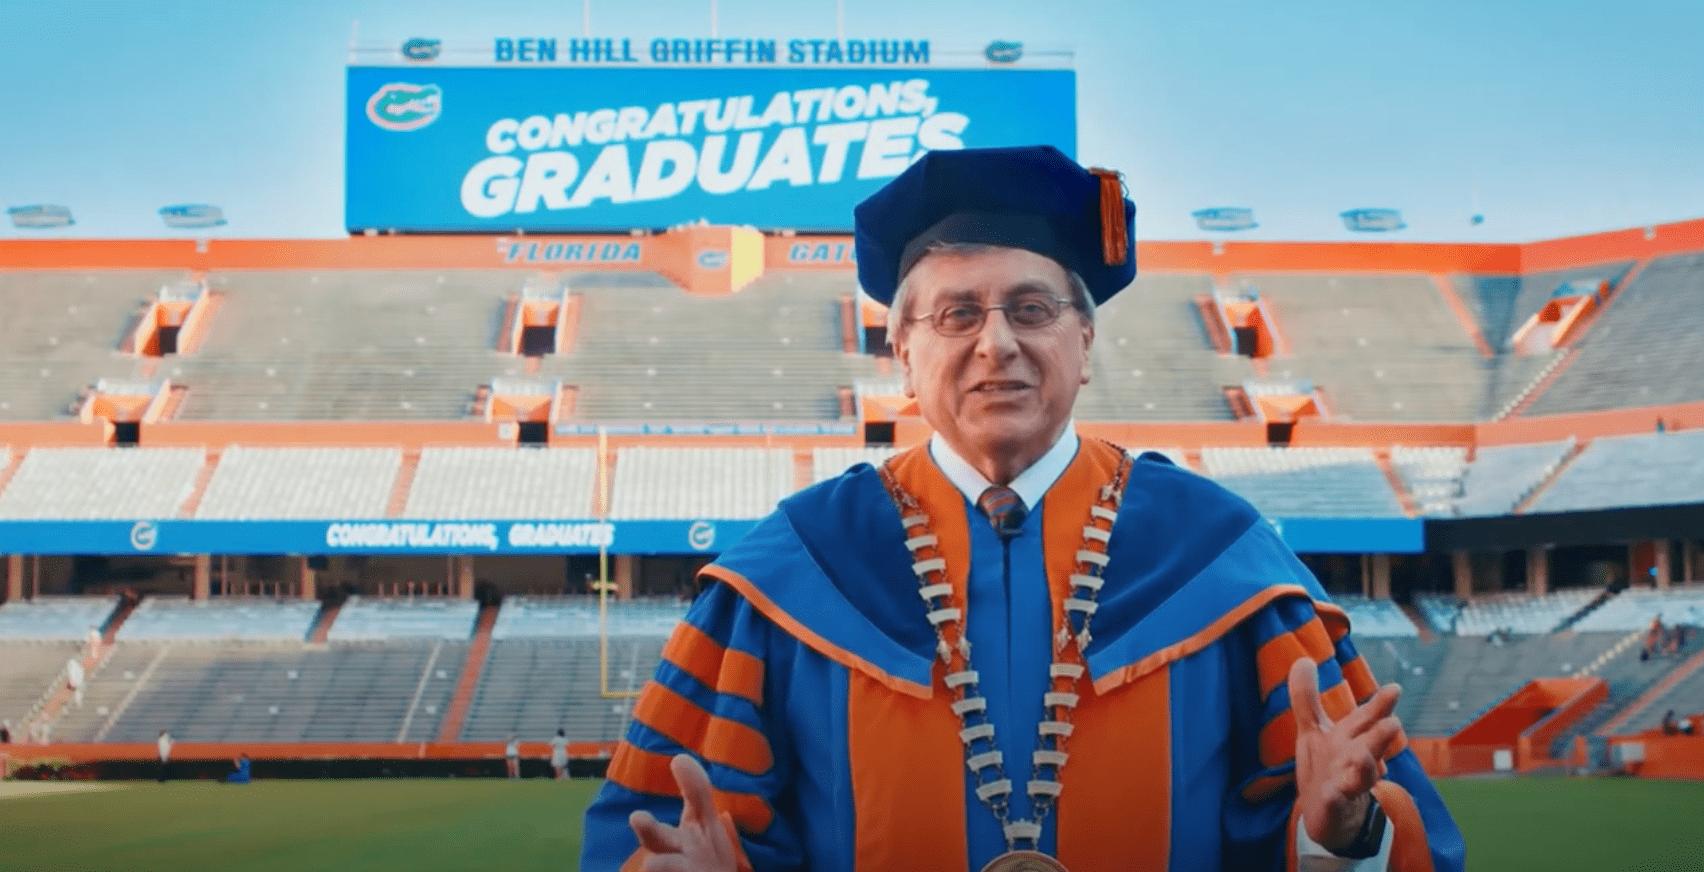 President Fuchs wears graduation attire in Ben Hill Griffin Stadium